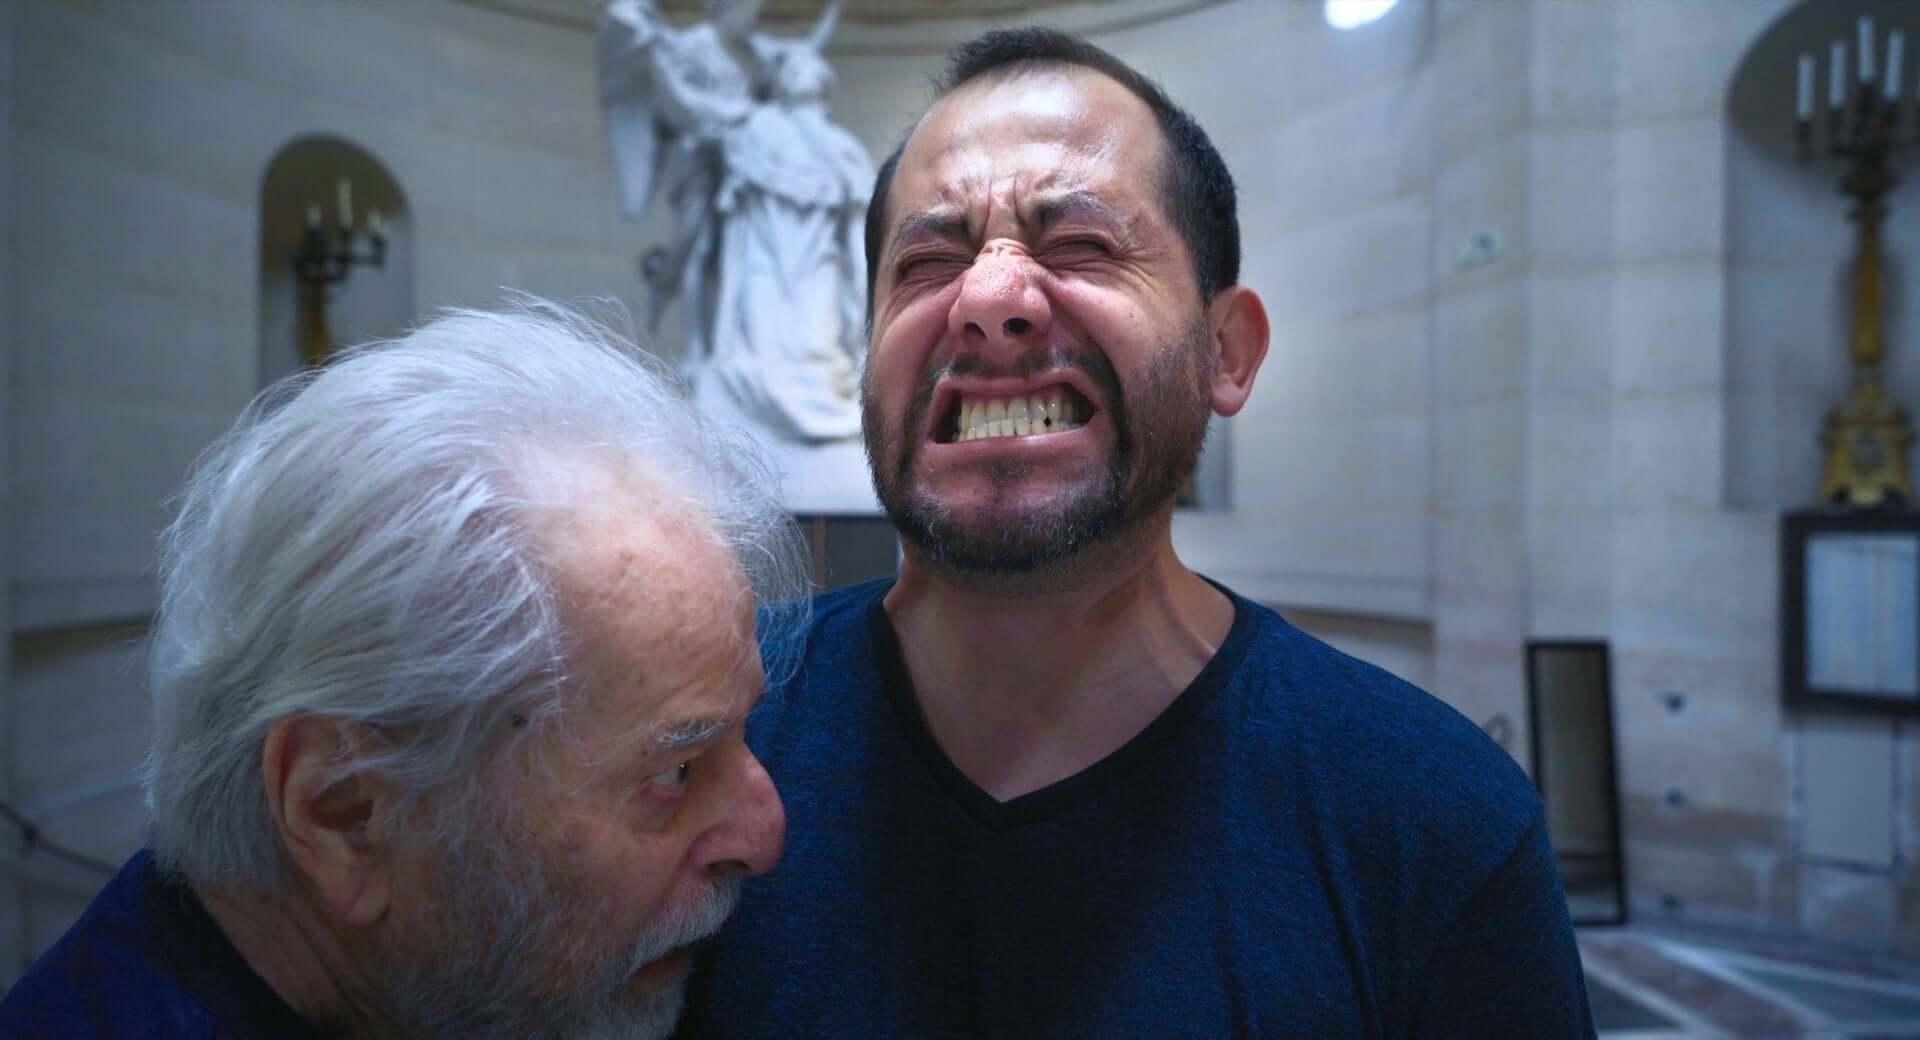 『ホドロフスキーのサイコマジック』劇場公開再延期に伴い、アップリンク・クラウドでも配信延長! film200521_phycomagic_01-1920x1040